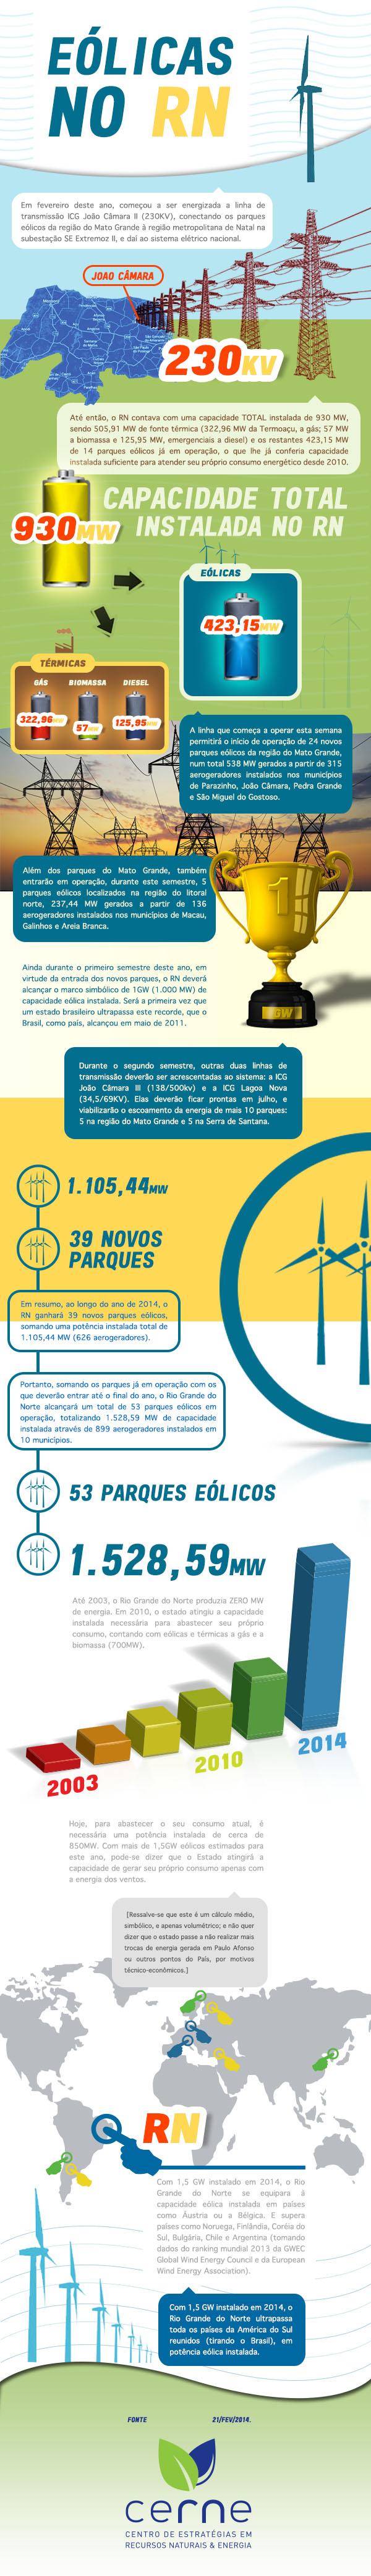 Infográfico CERNE - Eólicas no RN